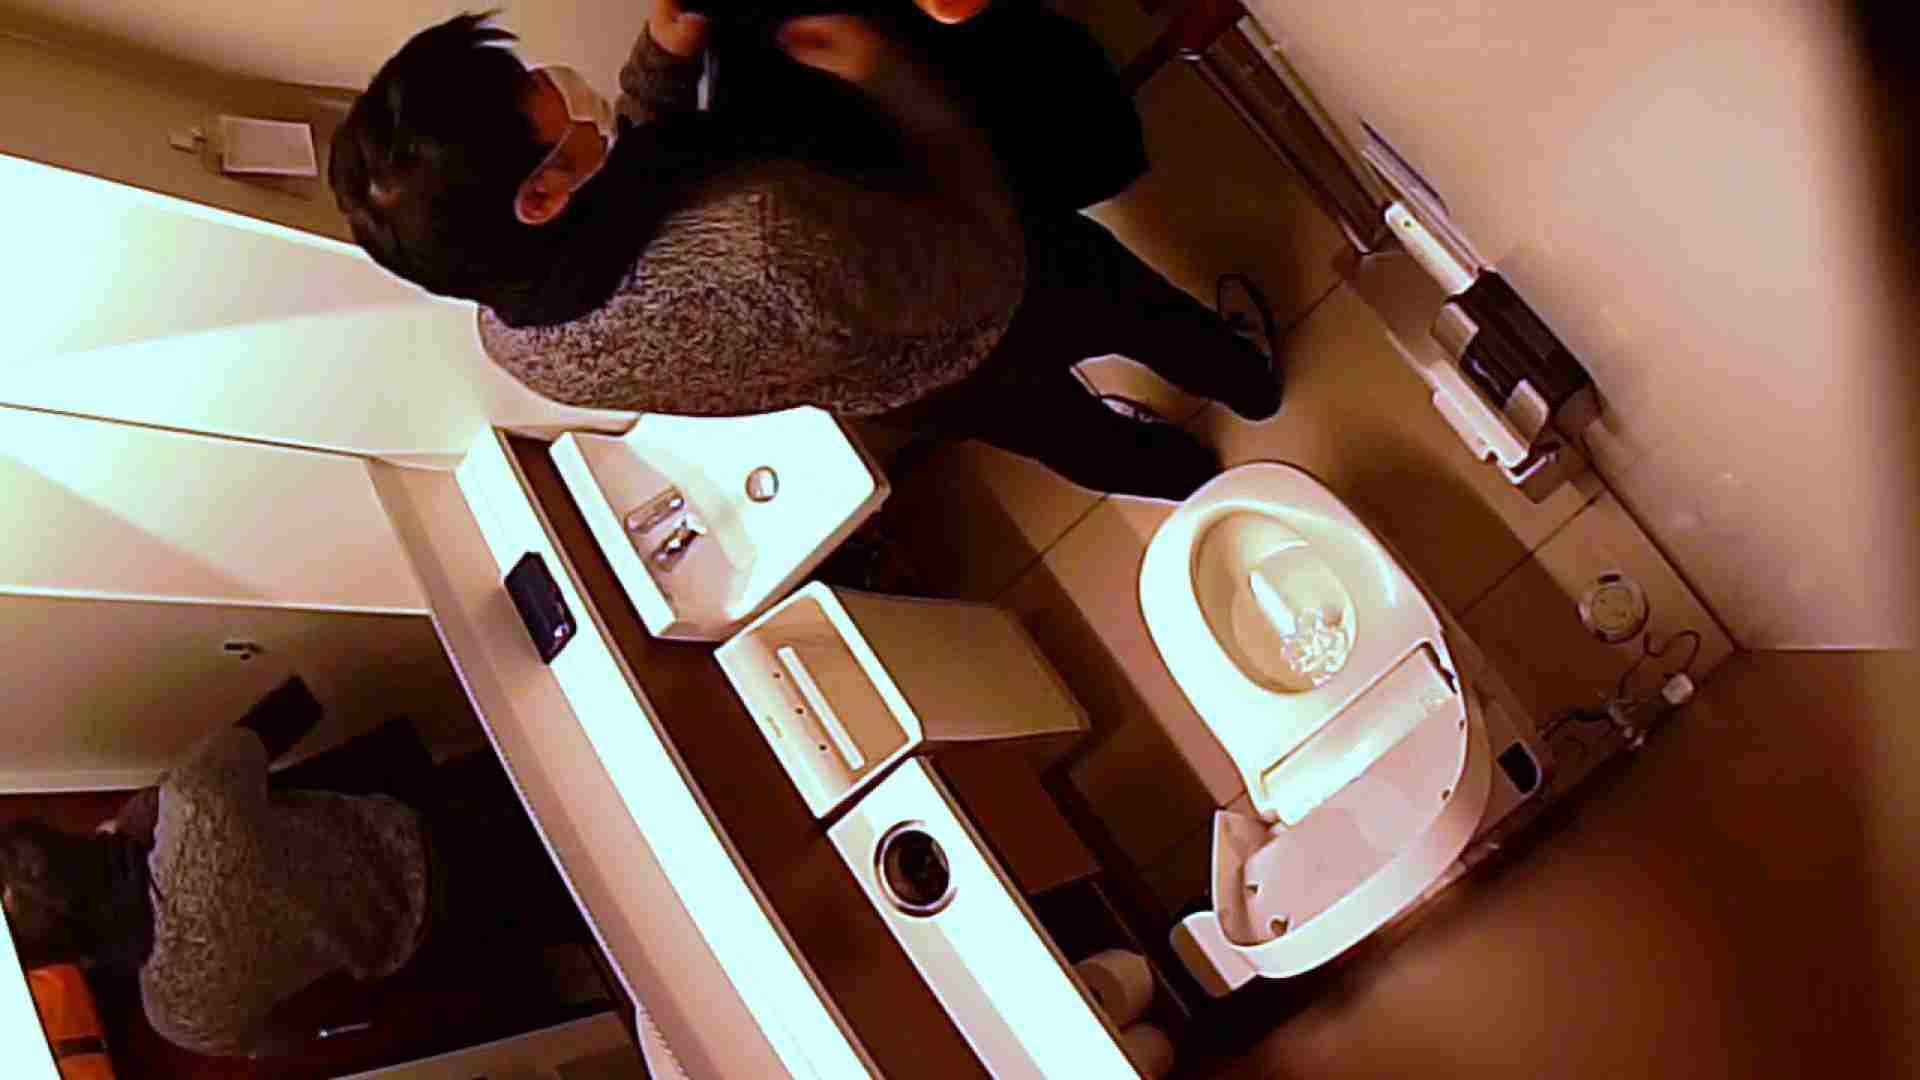 イケメンの素顔in洗面所 Vol.03 丸見え動画 | ボーイズうんこ  107pic 101